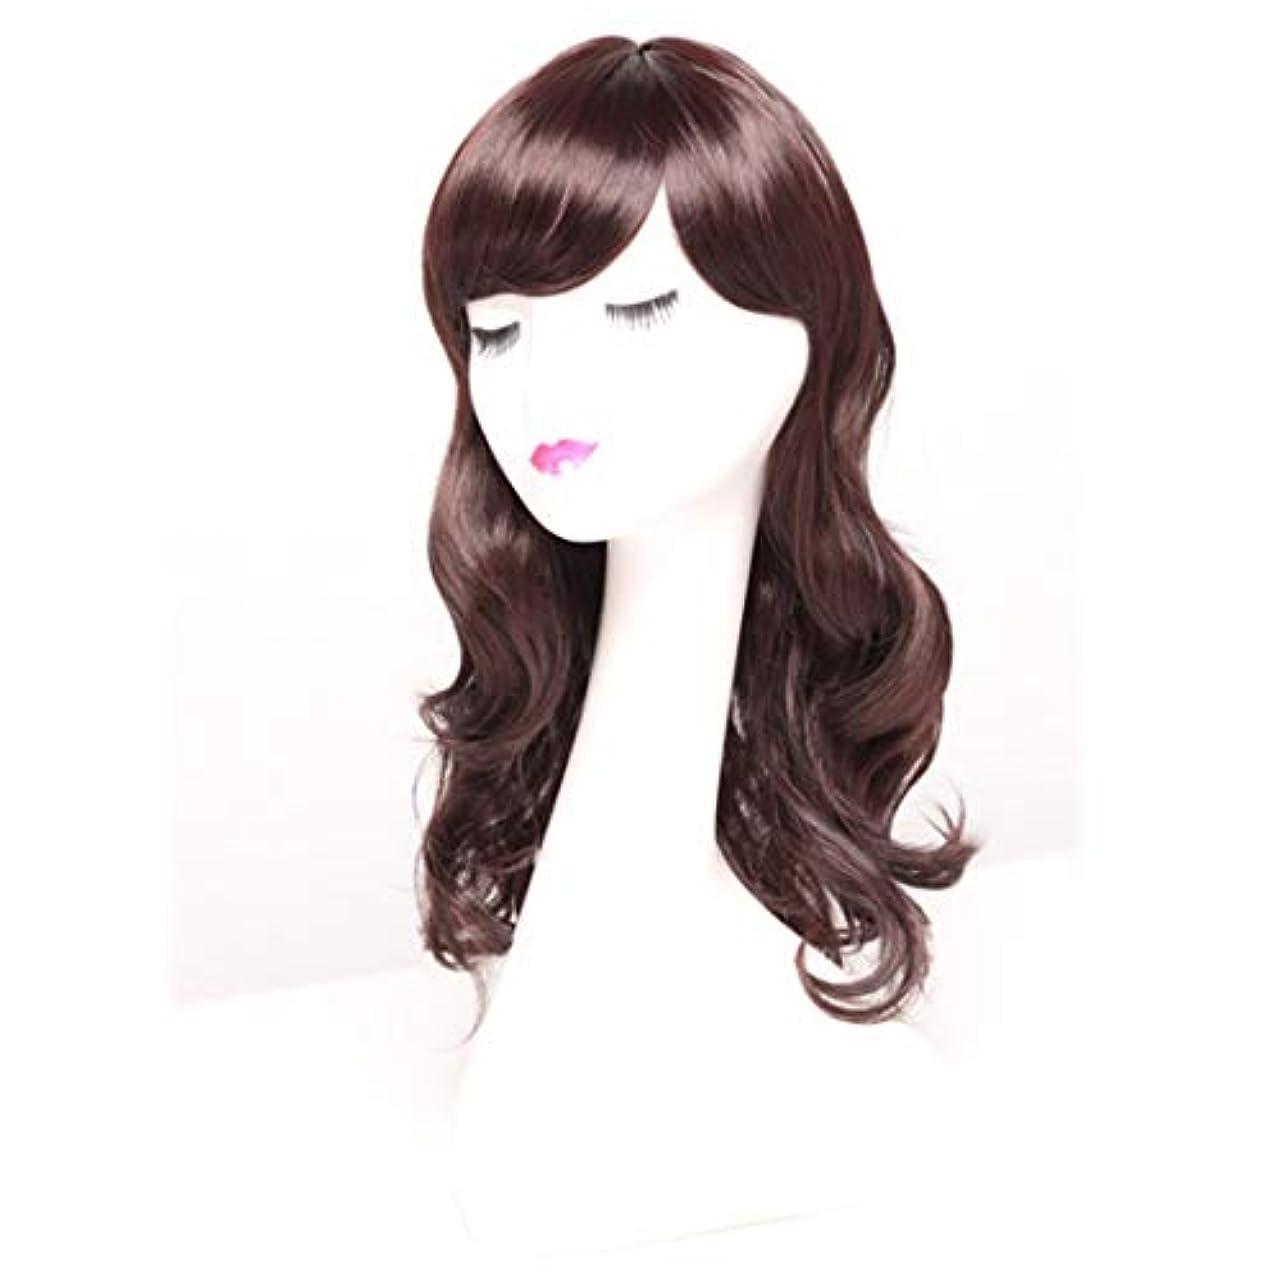 かなり達成傷つきやすいSummerys 女性のための長い巻き毛のかつらかつらかつらと人工的な毛髪のかつら本物の髪として自然なかつら